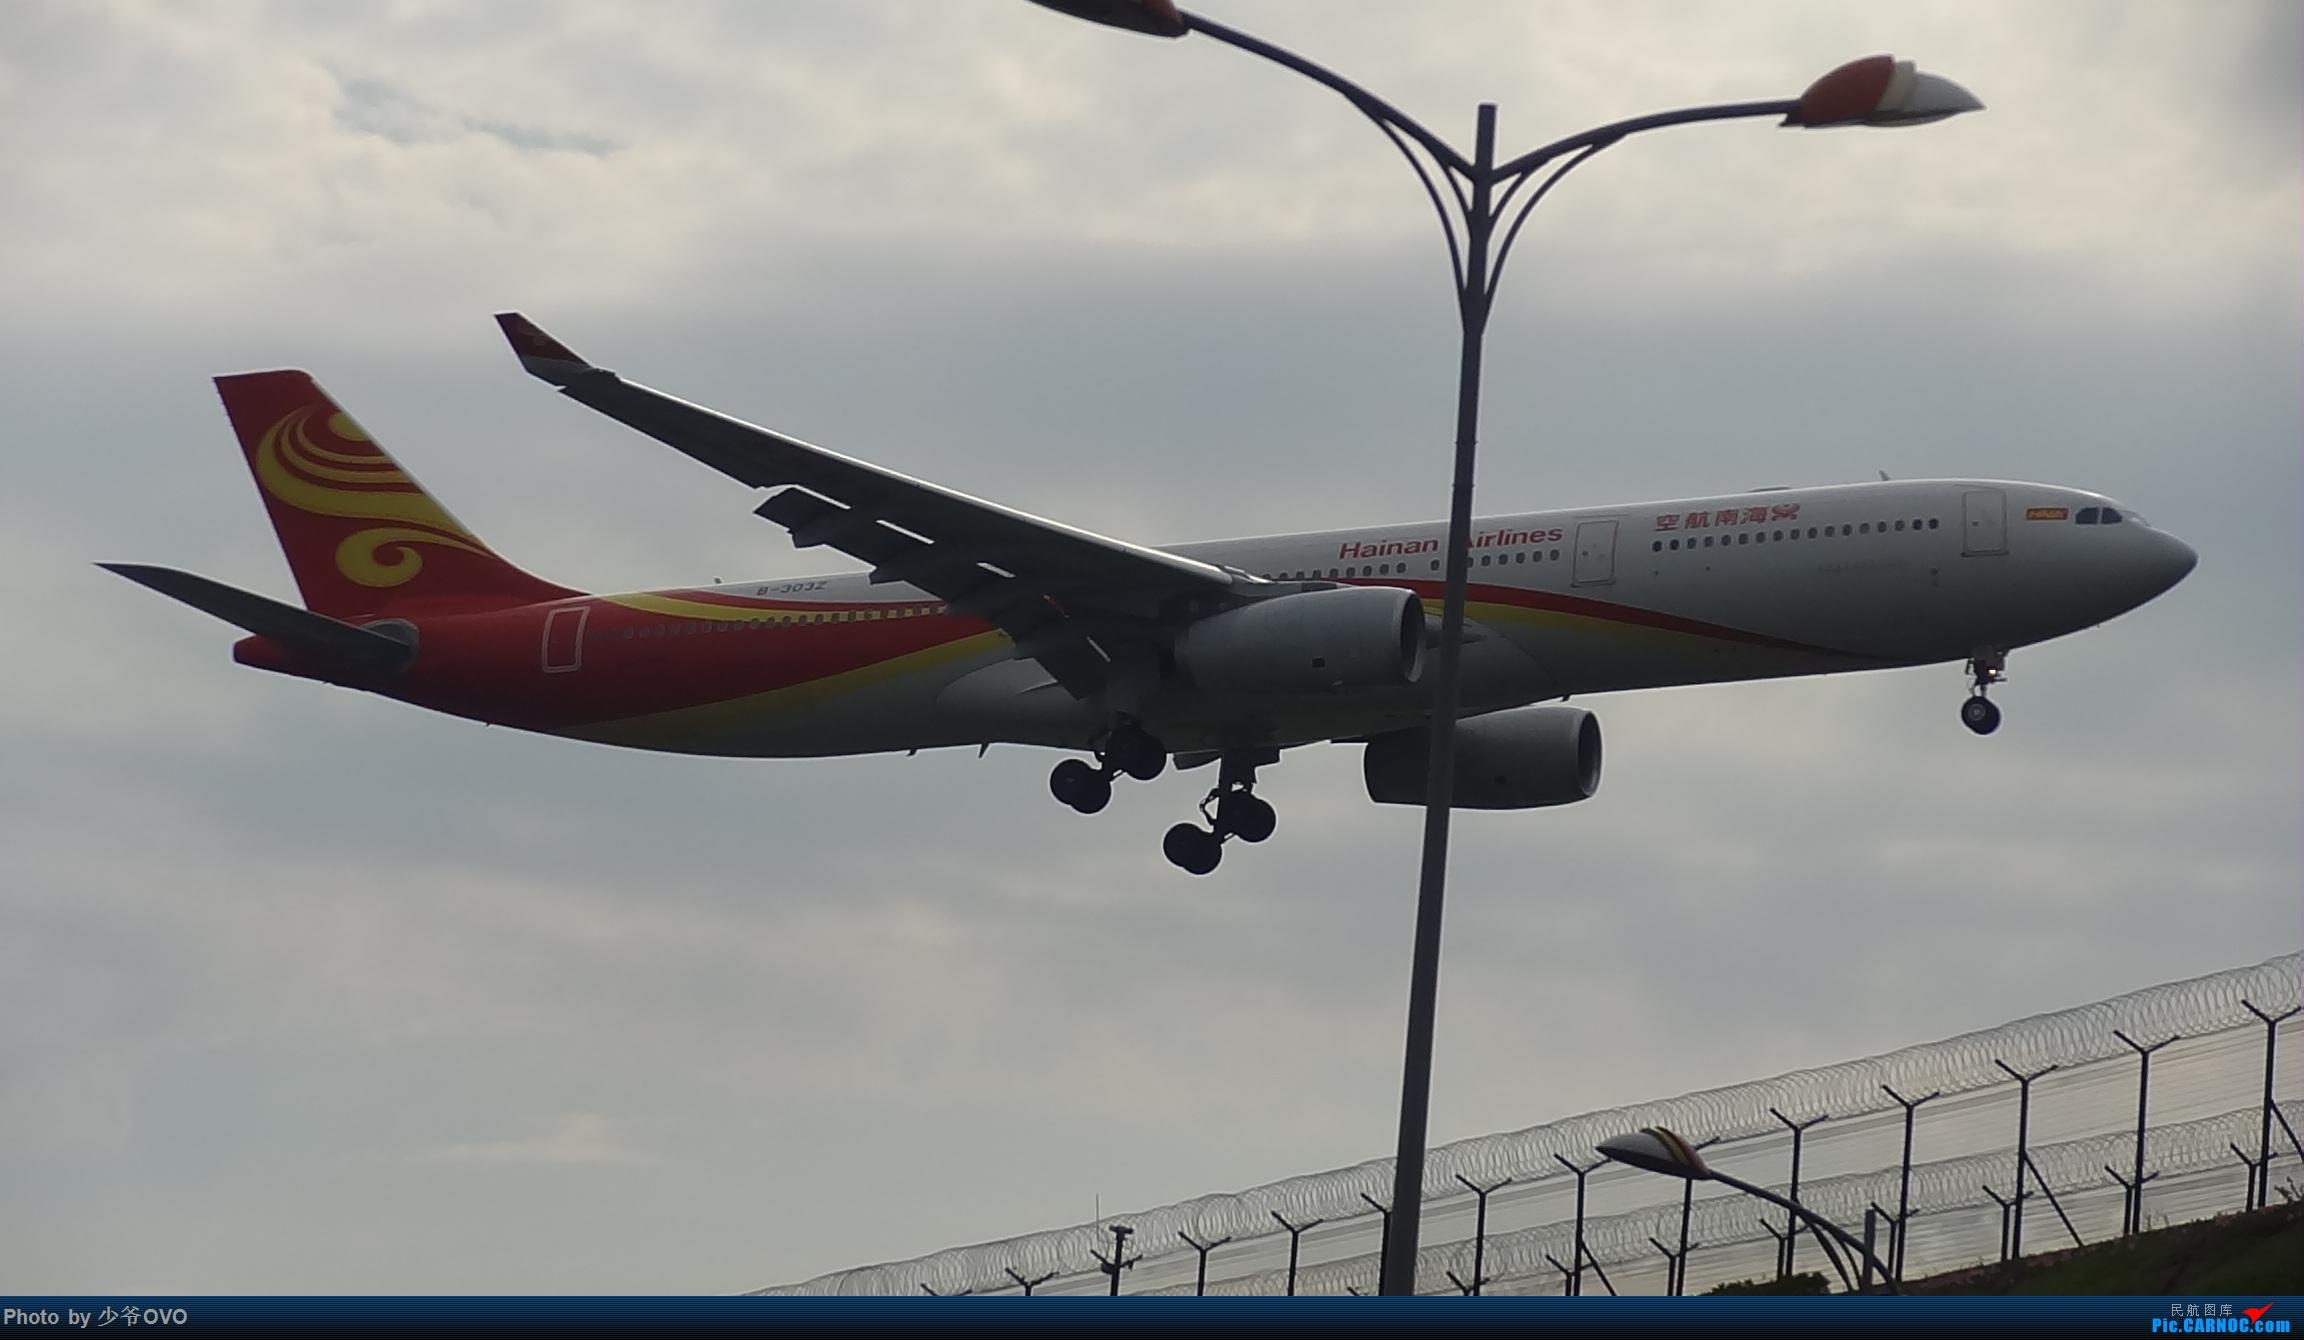 Re:[原创]CKG拍机,数码机最后的倔强 AIRBUS A330-300 B-303Z 中国重庆江北国际机场